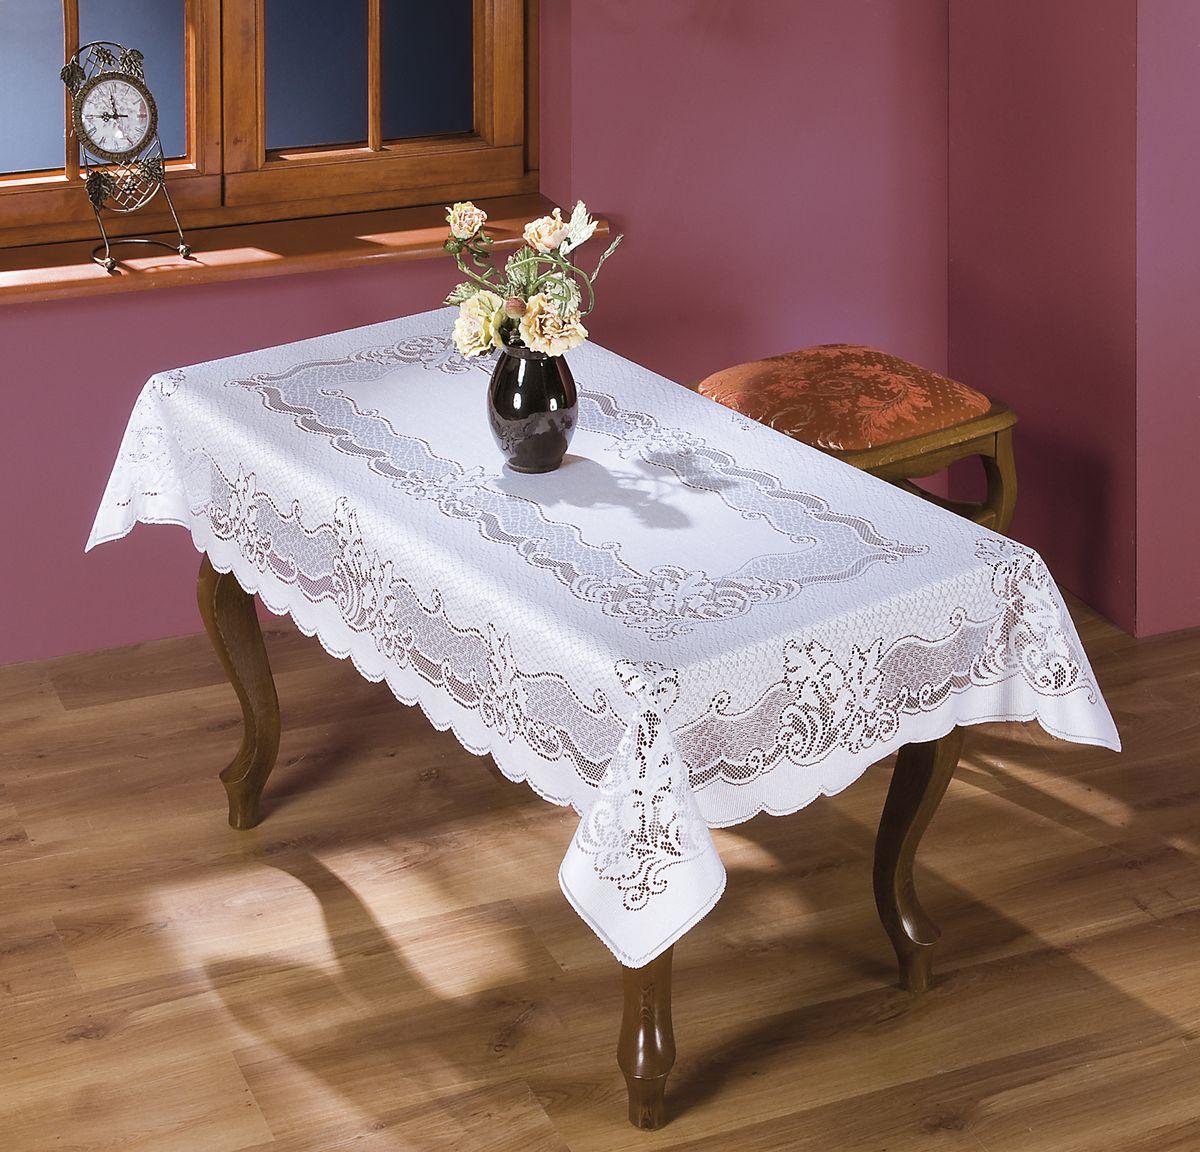 Скатерть Wisan Wojciech, прямоугольная, цвет: белый, 130 x 180 см. 8902 скатерти niklen скатерть 110х145см